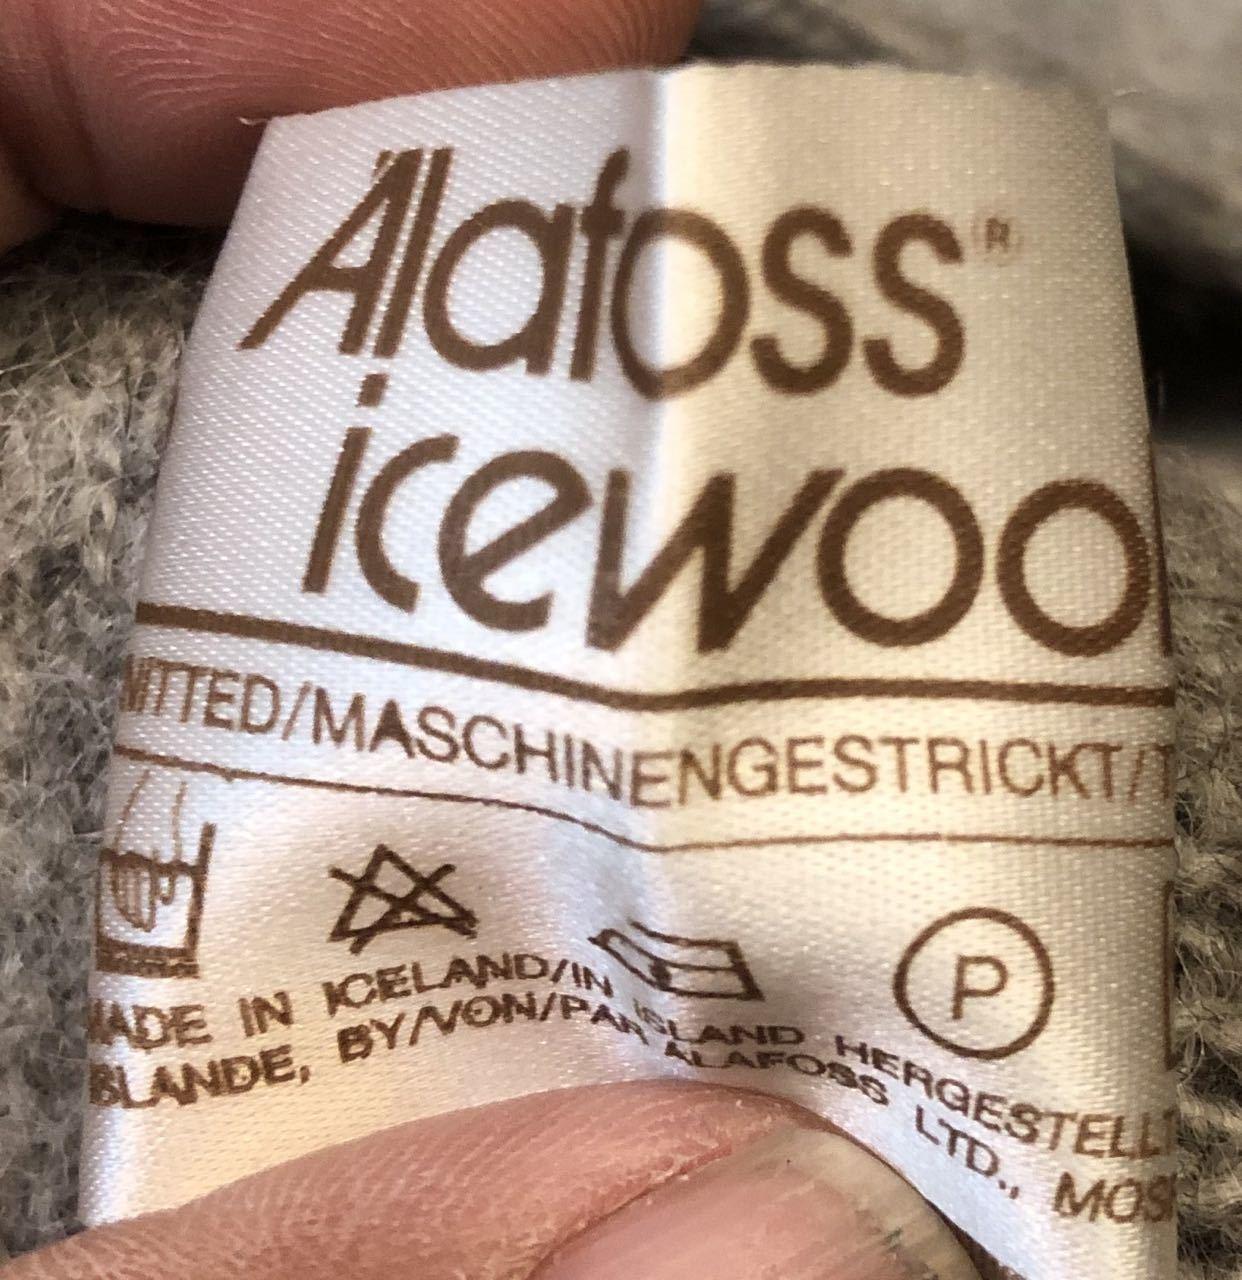 11月2日(土)入荷!MADE IN ICELAND  ALAFOSS ICE WOOL カーディガン!_c0144020_13343550.jpg